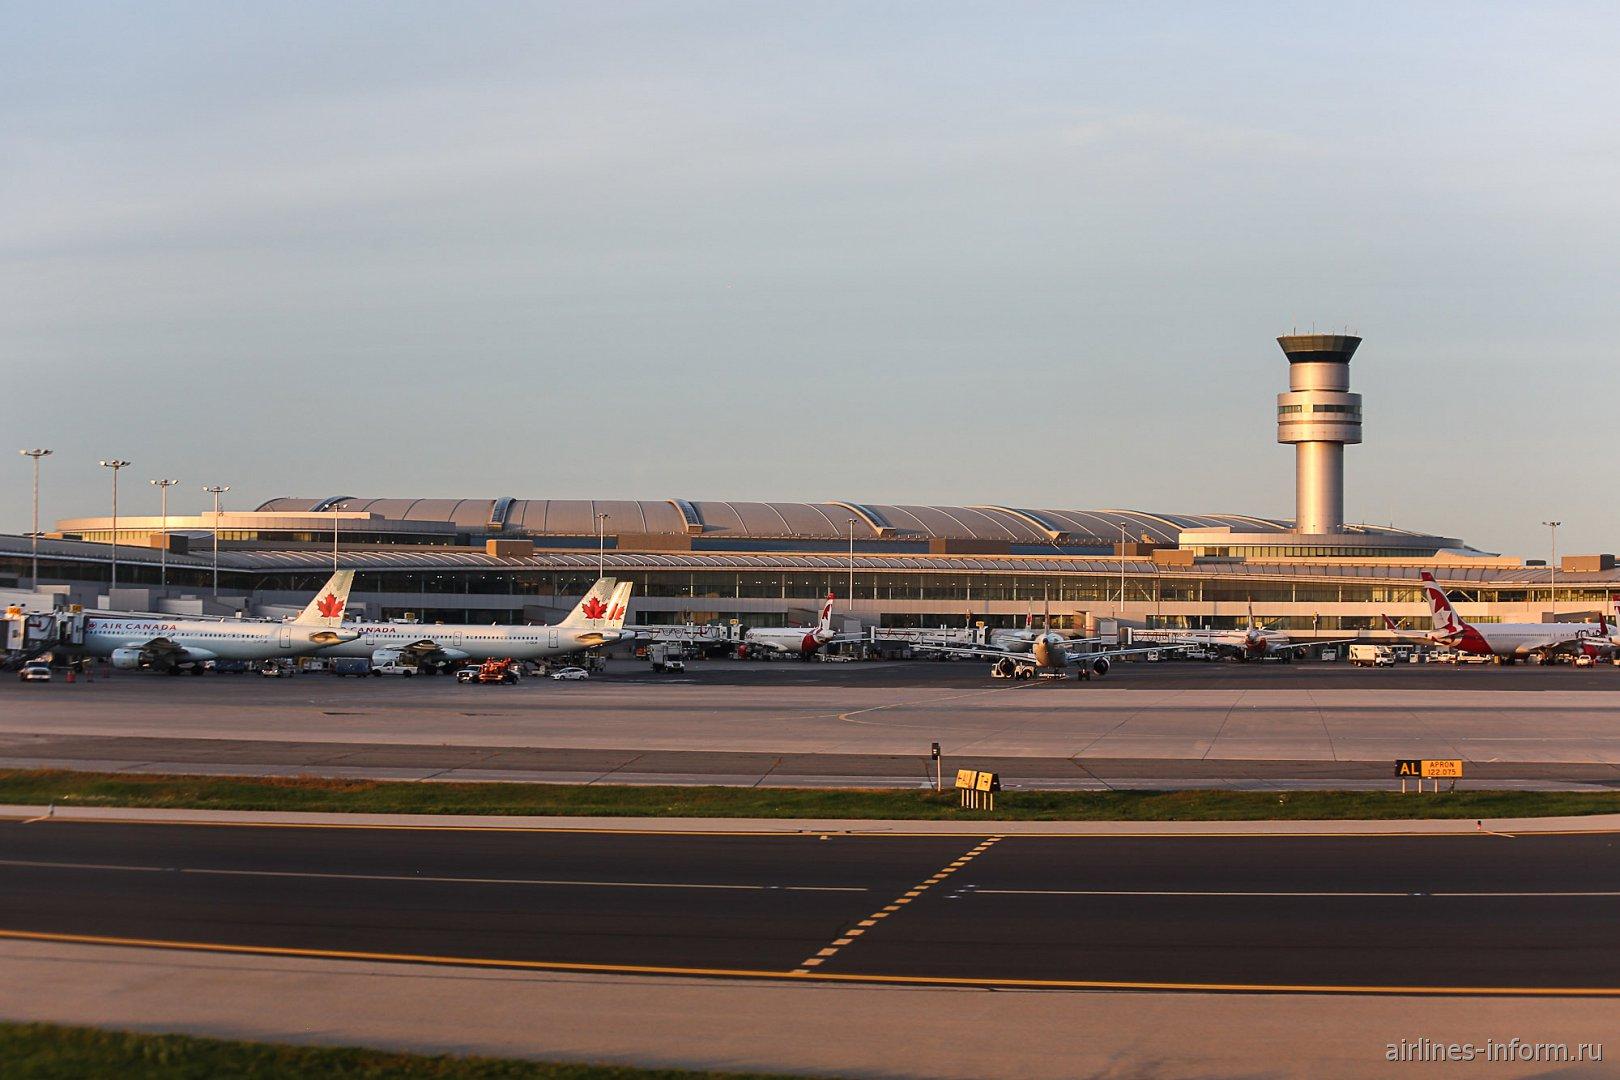 Вид со взлетной полосы на терминал 1 аэропорта Торонто Пирсон